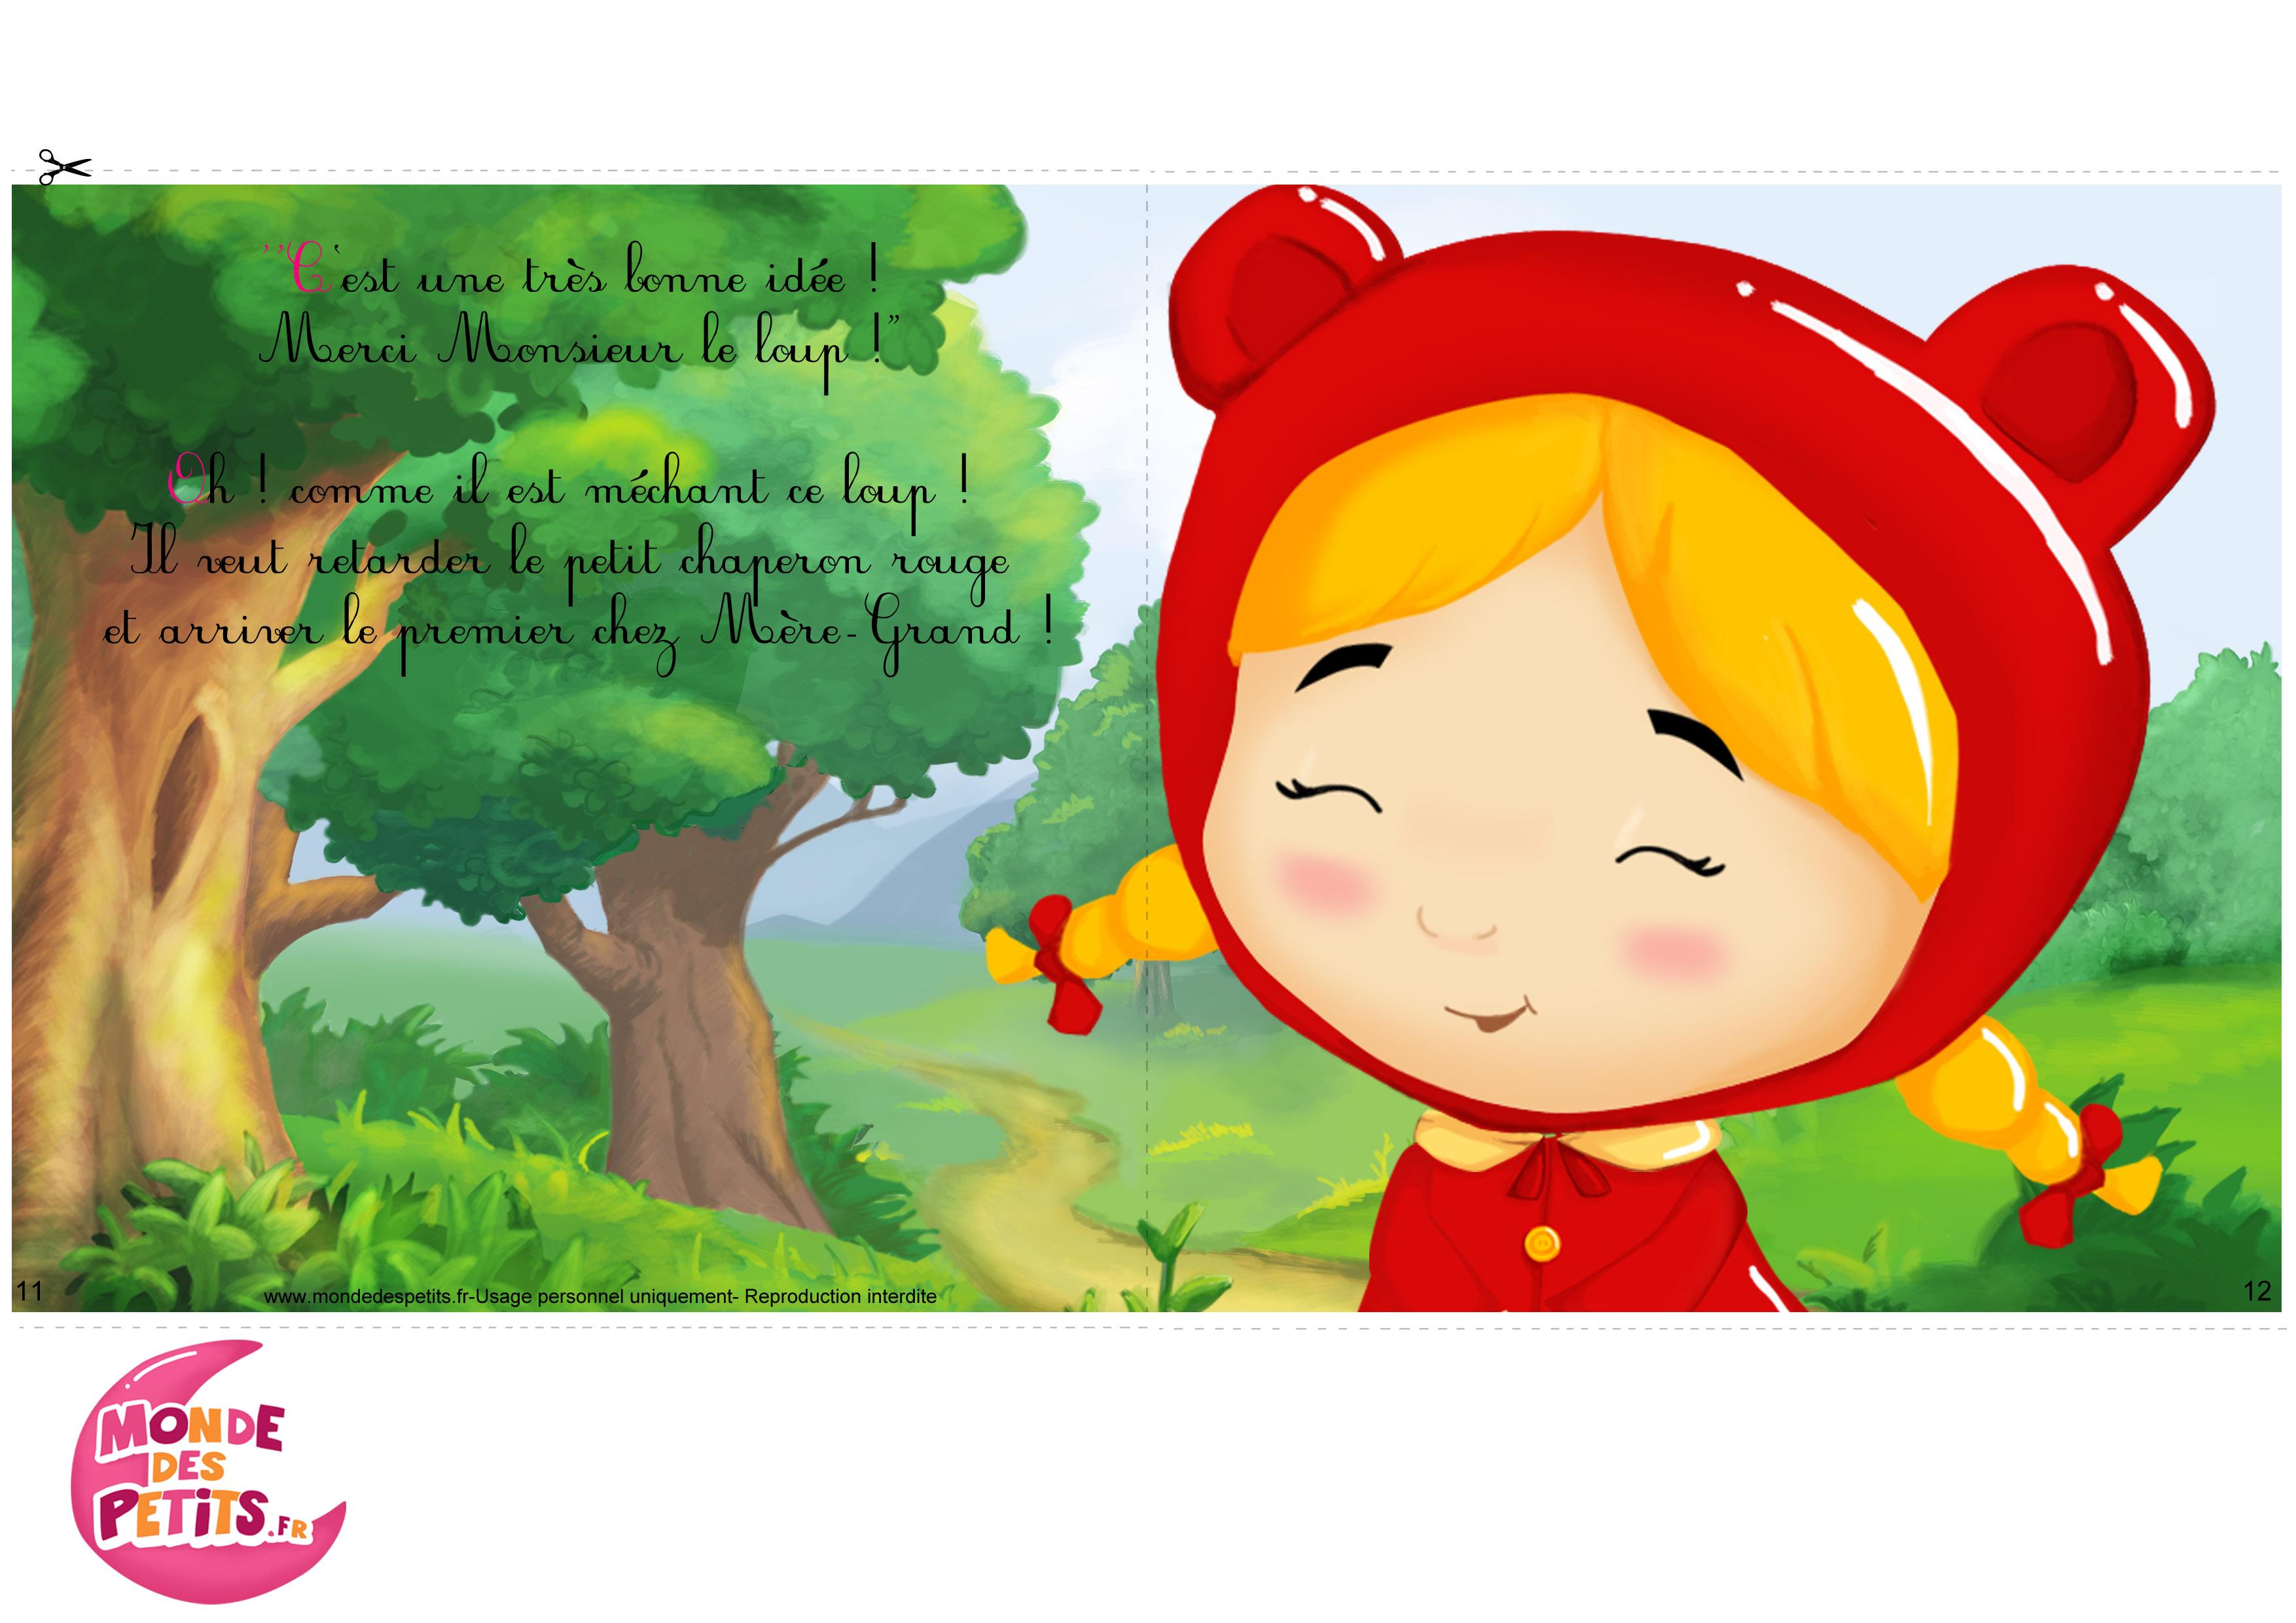 Monde des petits imprimer - Dessin petit chaperon rouge ...